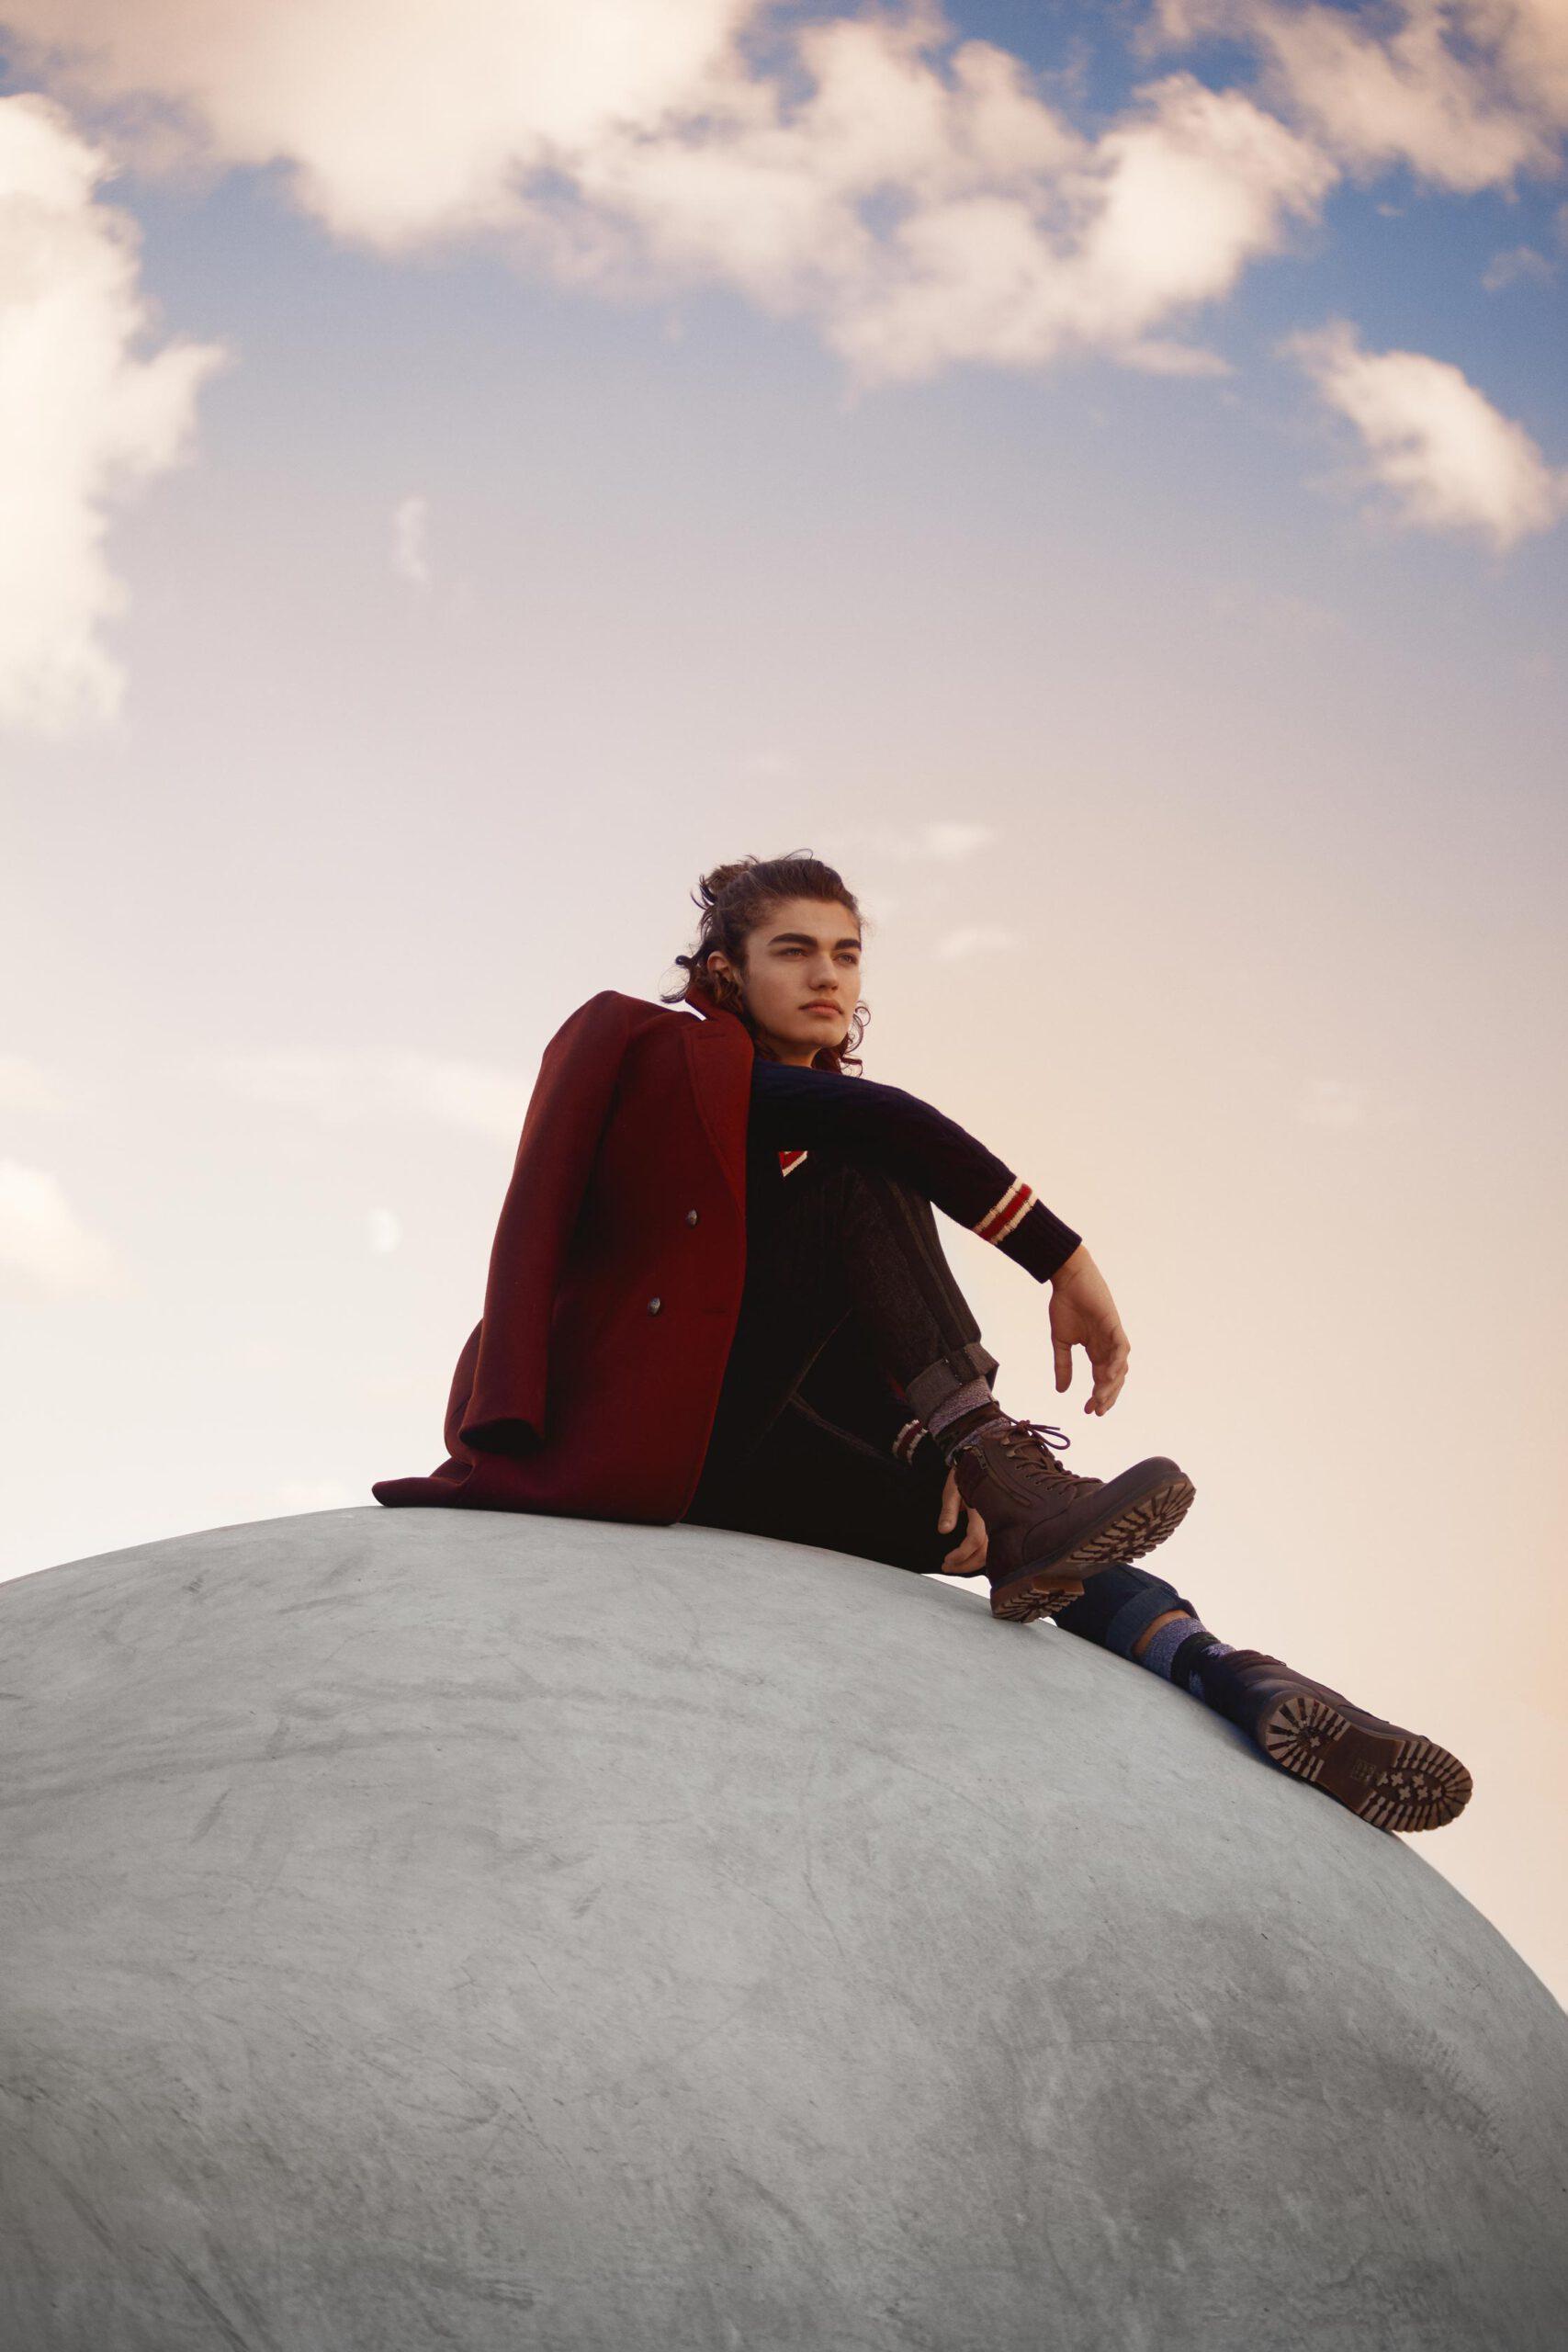 Portrait photographie d'un jeune homme de 20 ans assis sur une boule en ciment beton.